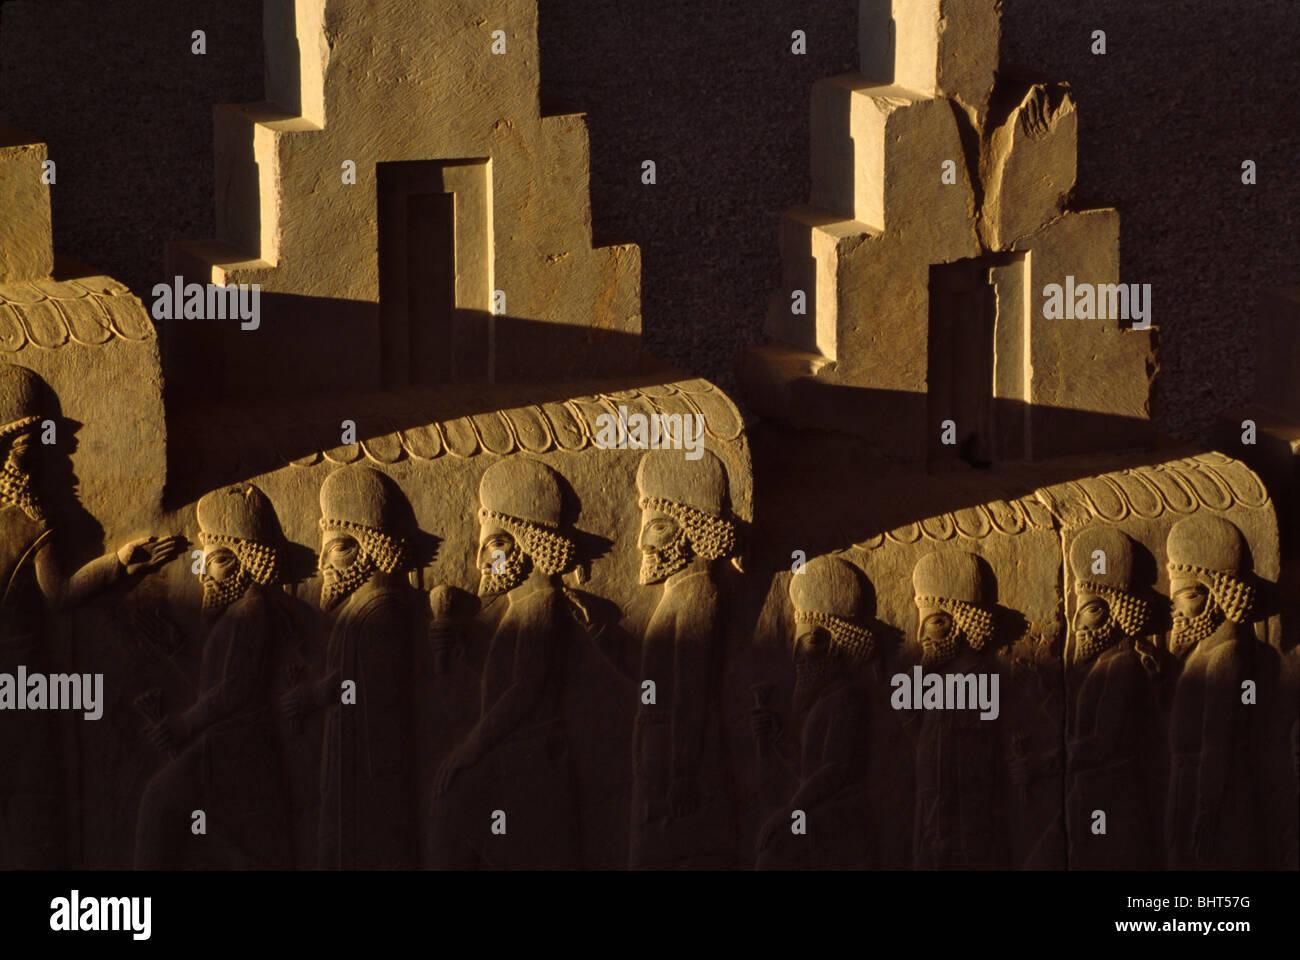 Socorro de la escultura de los súbditos del Imperio Achaemenian subir la escalera de Persépolis, Irán Imagen De Stock